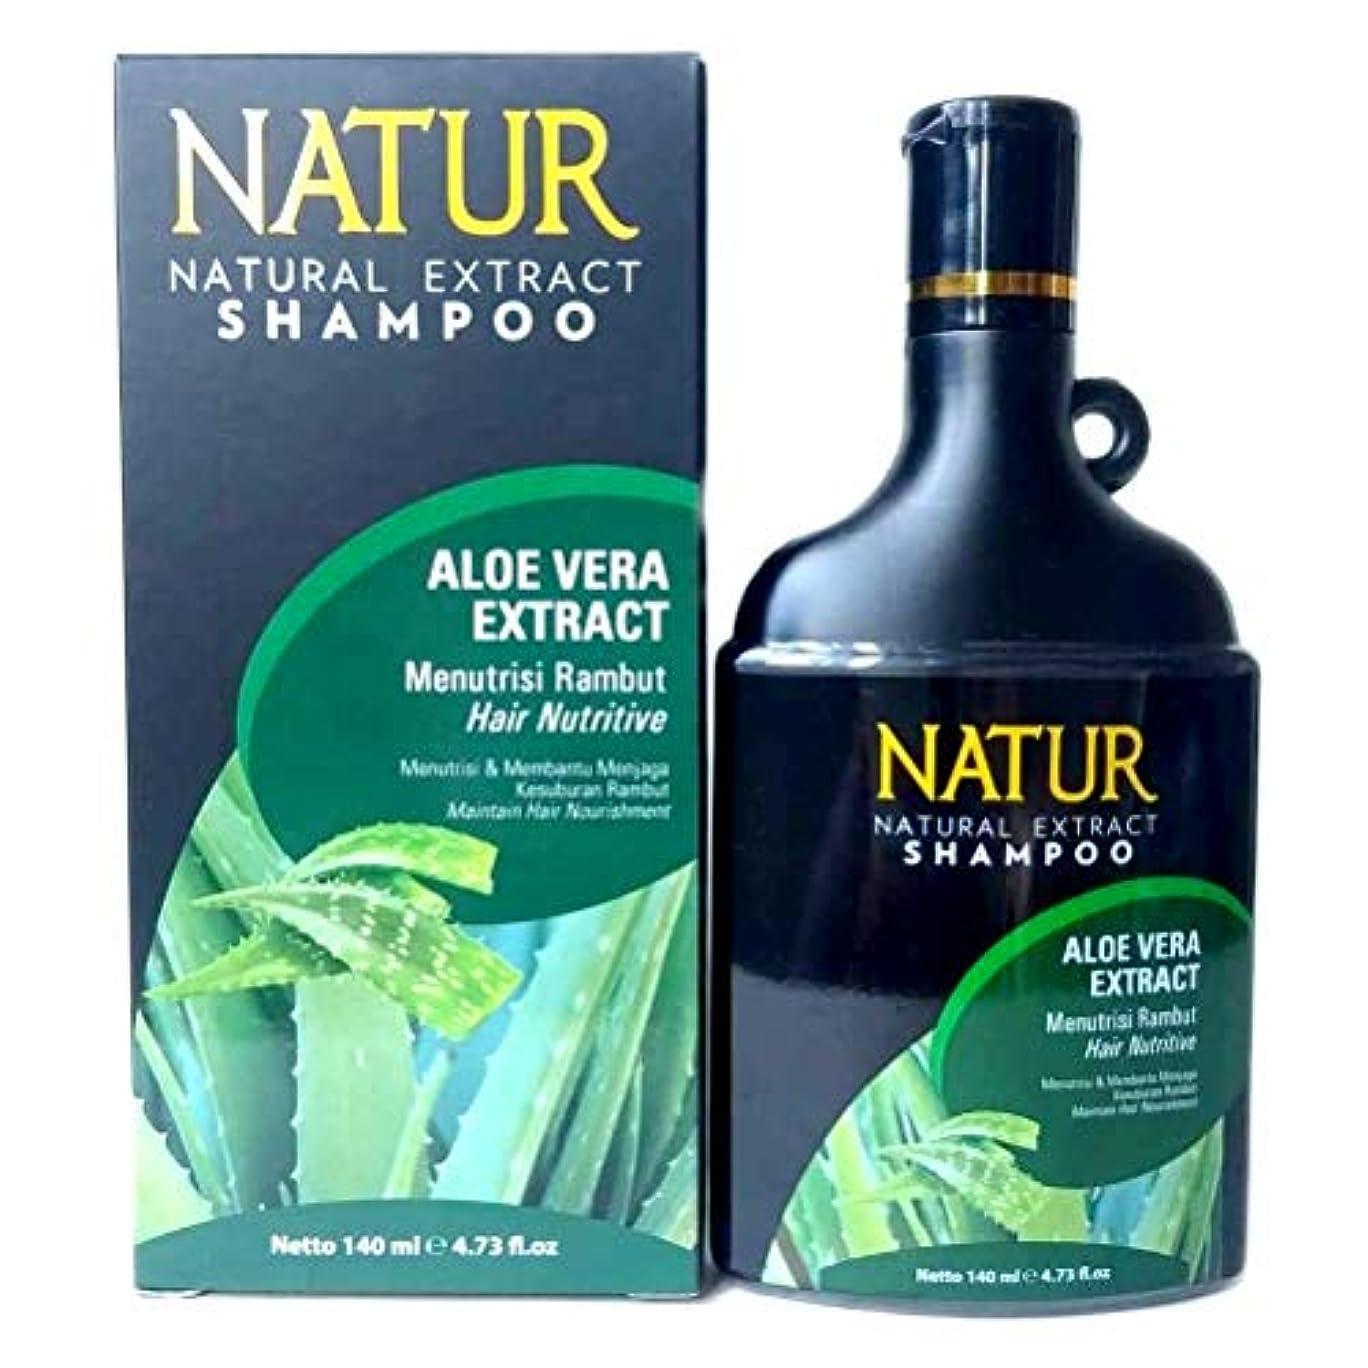 それから枯渇適合しましたNATUR ナトゥール 天然植物エキス配合 ハーバルシャンプー 140ml Aloe vera アロエベラ [海外直商品]